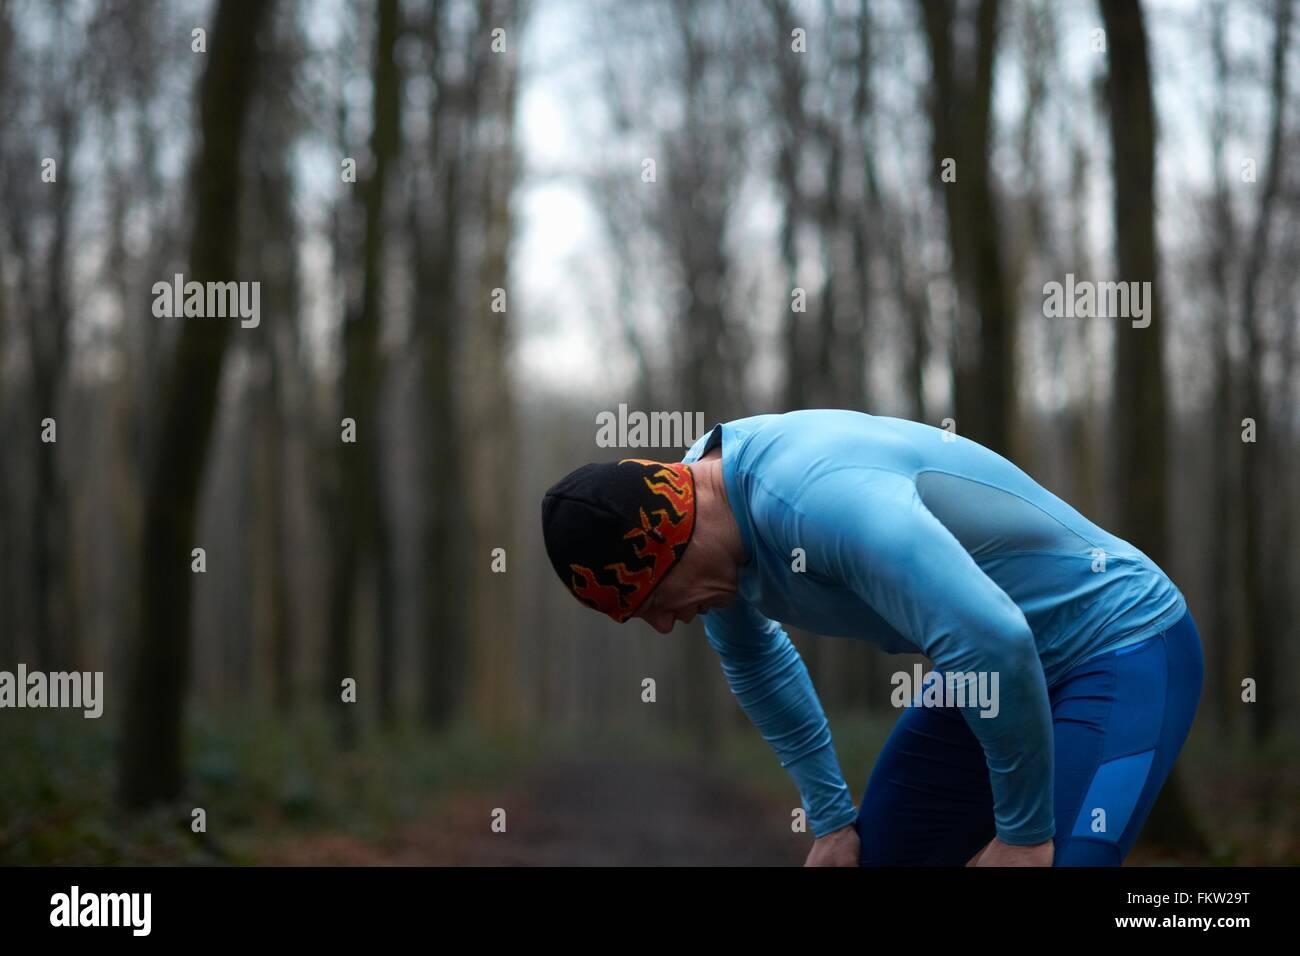 Runner portant chapeau tricoté spandex et plier l'avant mains sur les genoux épuisé Photo Stock